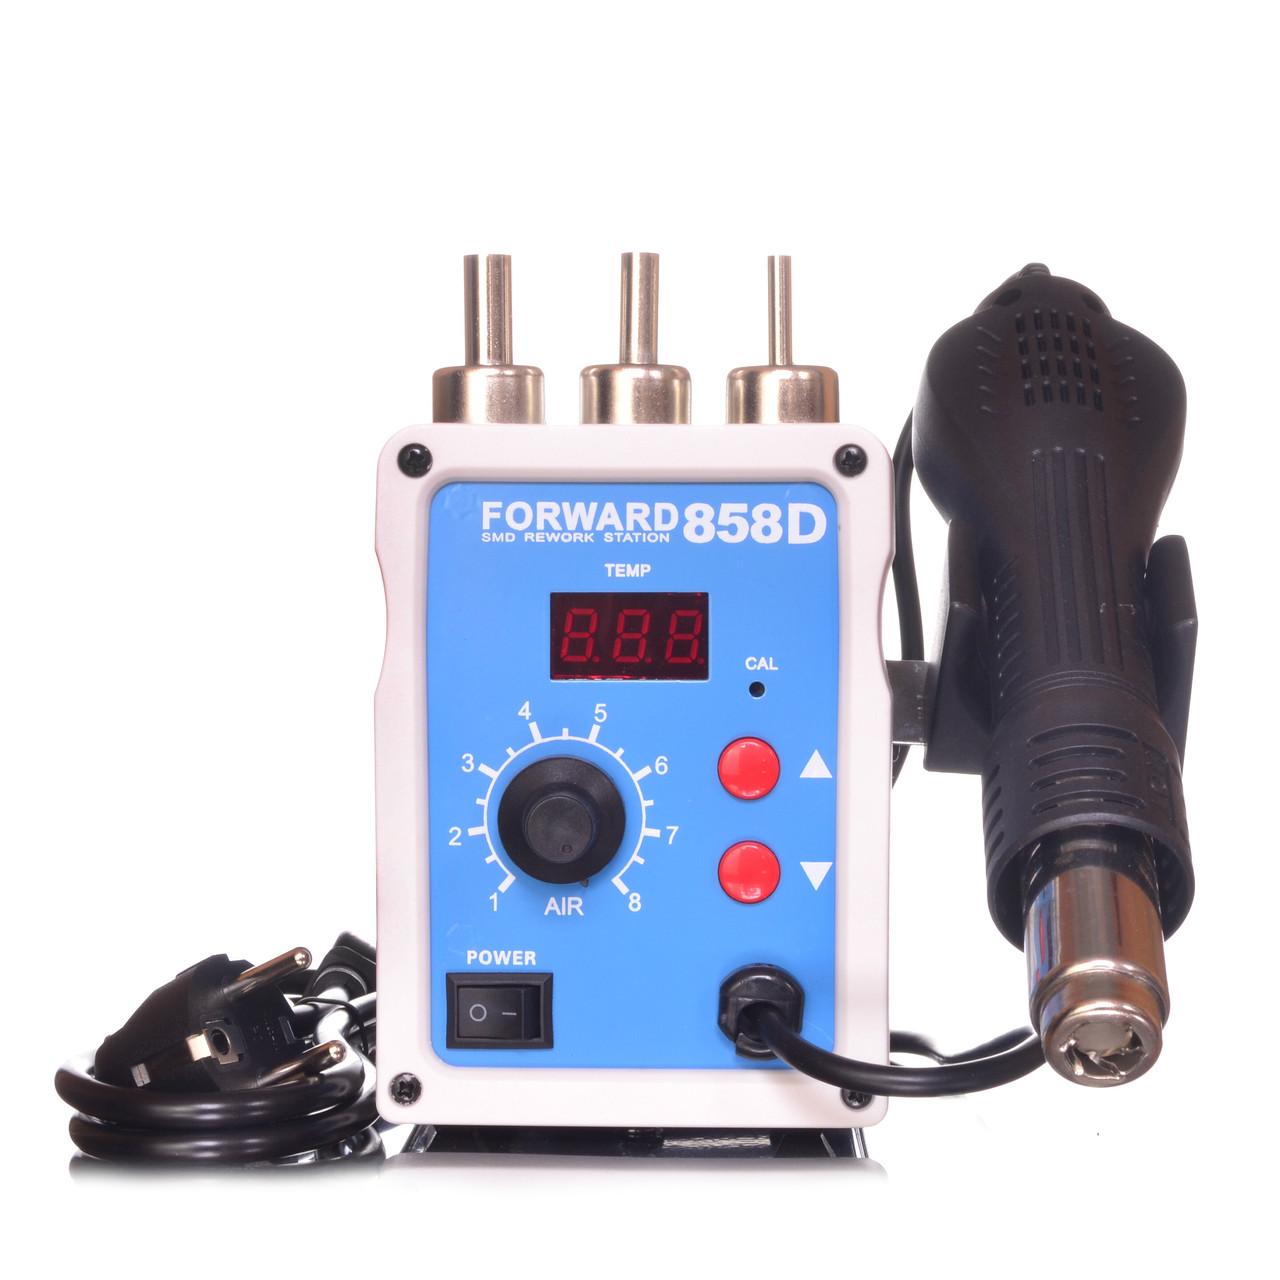 Паяльна станція Forward 858D термофен для пайки 700W пайка SMD, BGA, QFP, метал. корпус